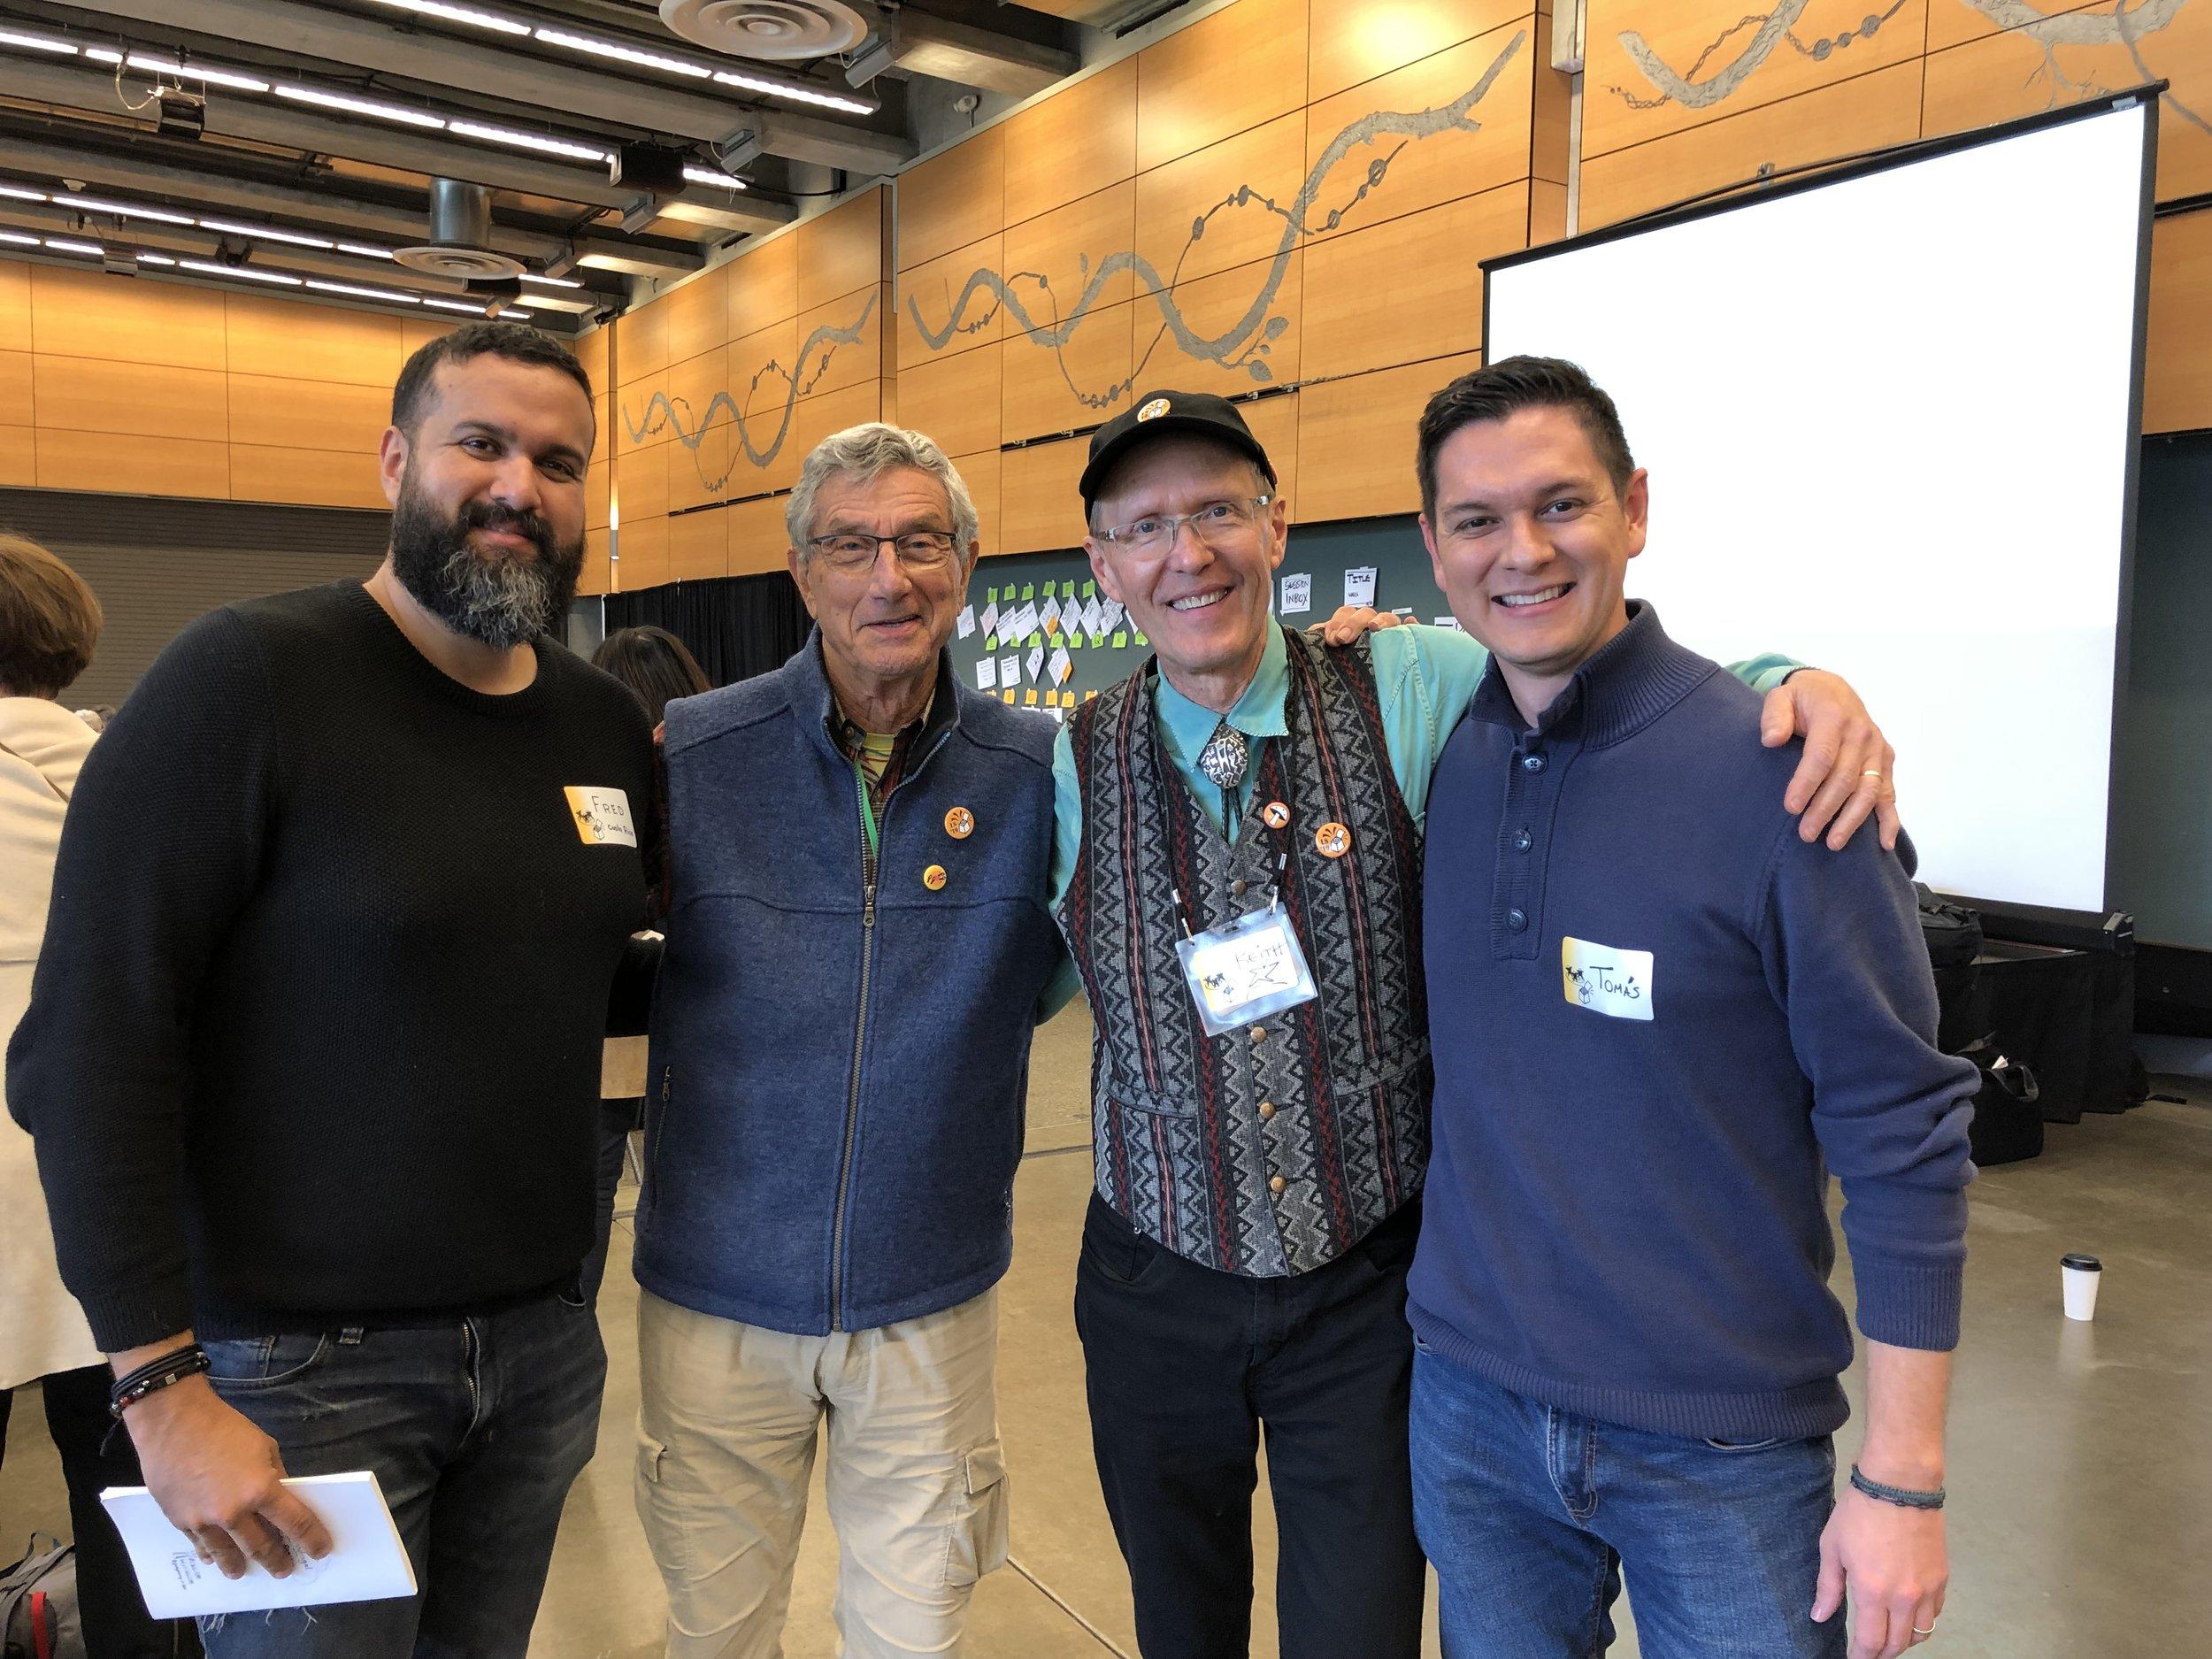 En la foto de izquierda a derecha: Fred Madrigal (sINNplify), Henri Lipmanowicz, Keith McCandless (creadores de las estructuras Liberadoras) y Tomás Rodríguez (sINNplify).